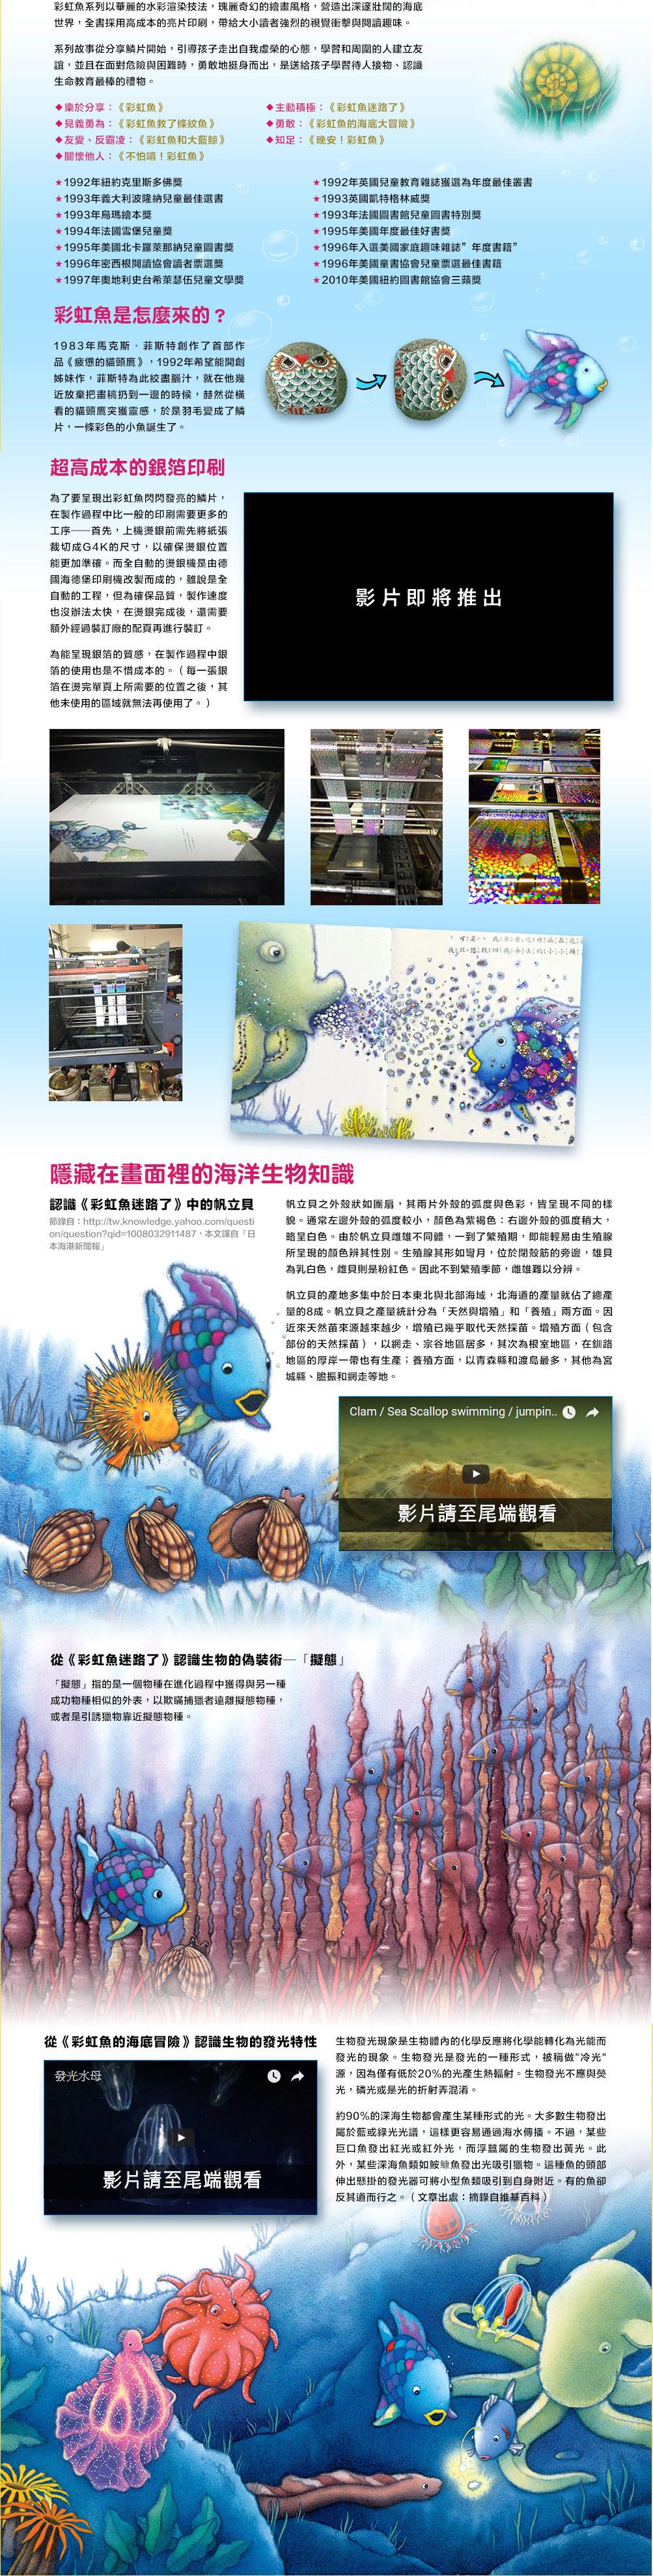 故事寶盒-彩虹魚2